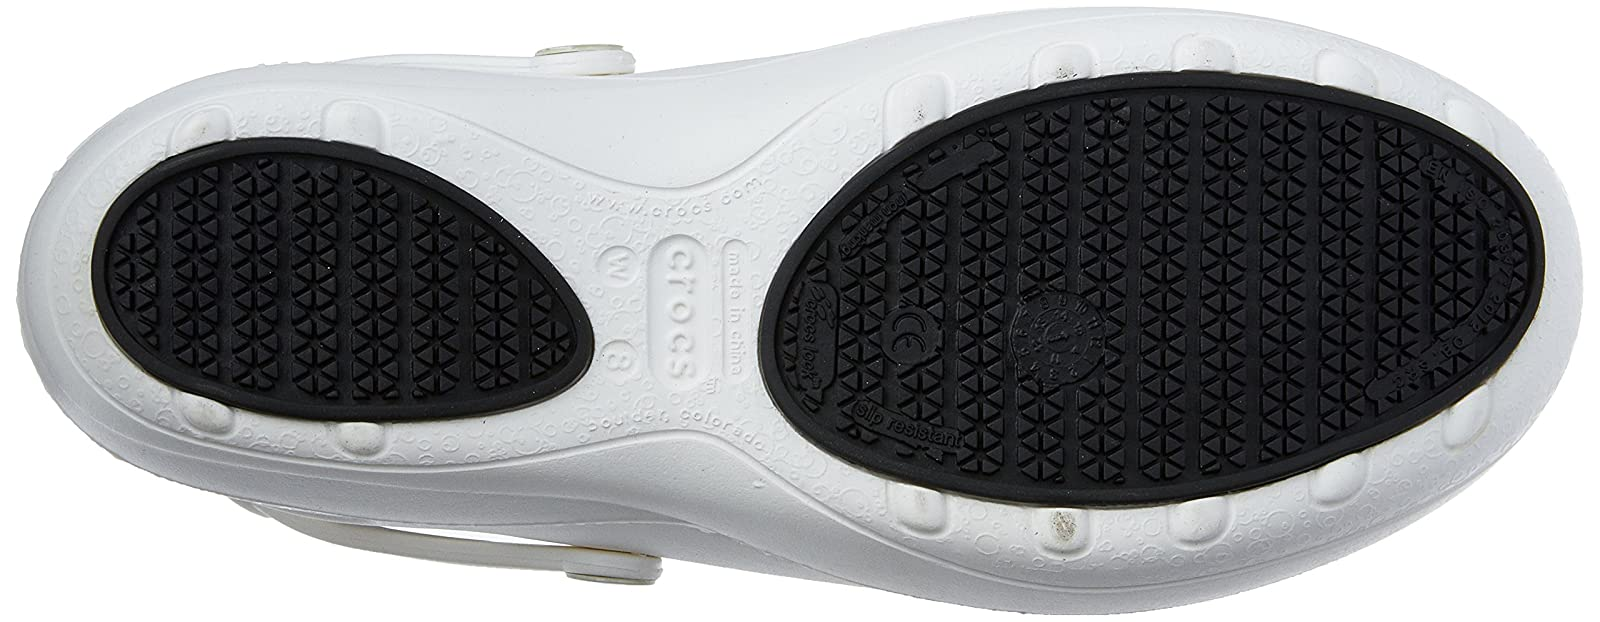 Crocs Women's Mercy Work Slip Resistant - 3